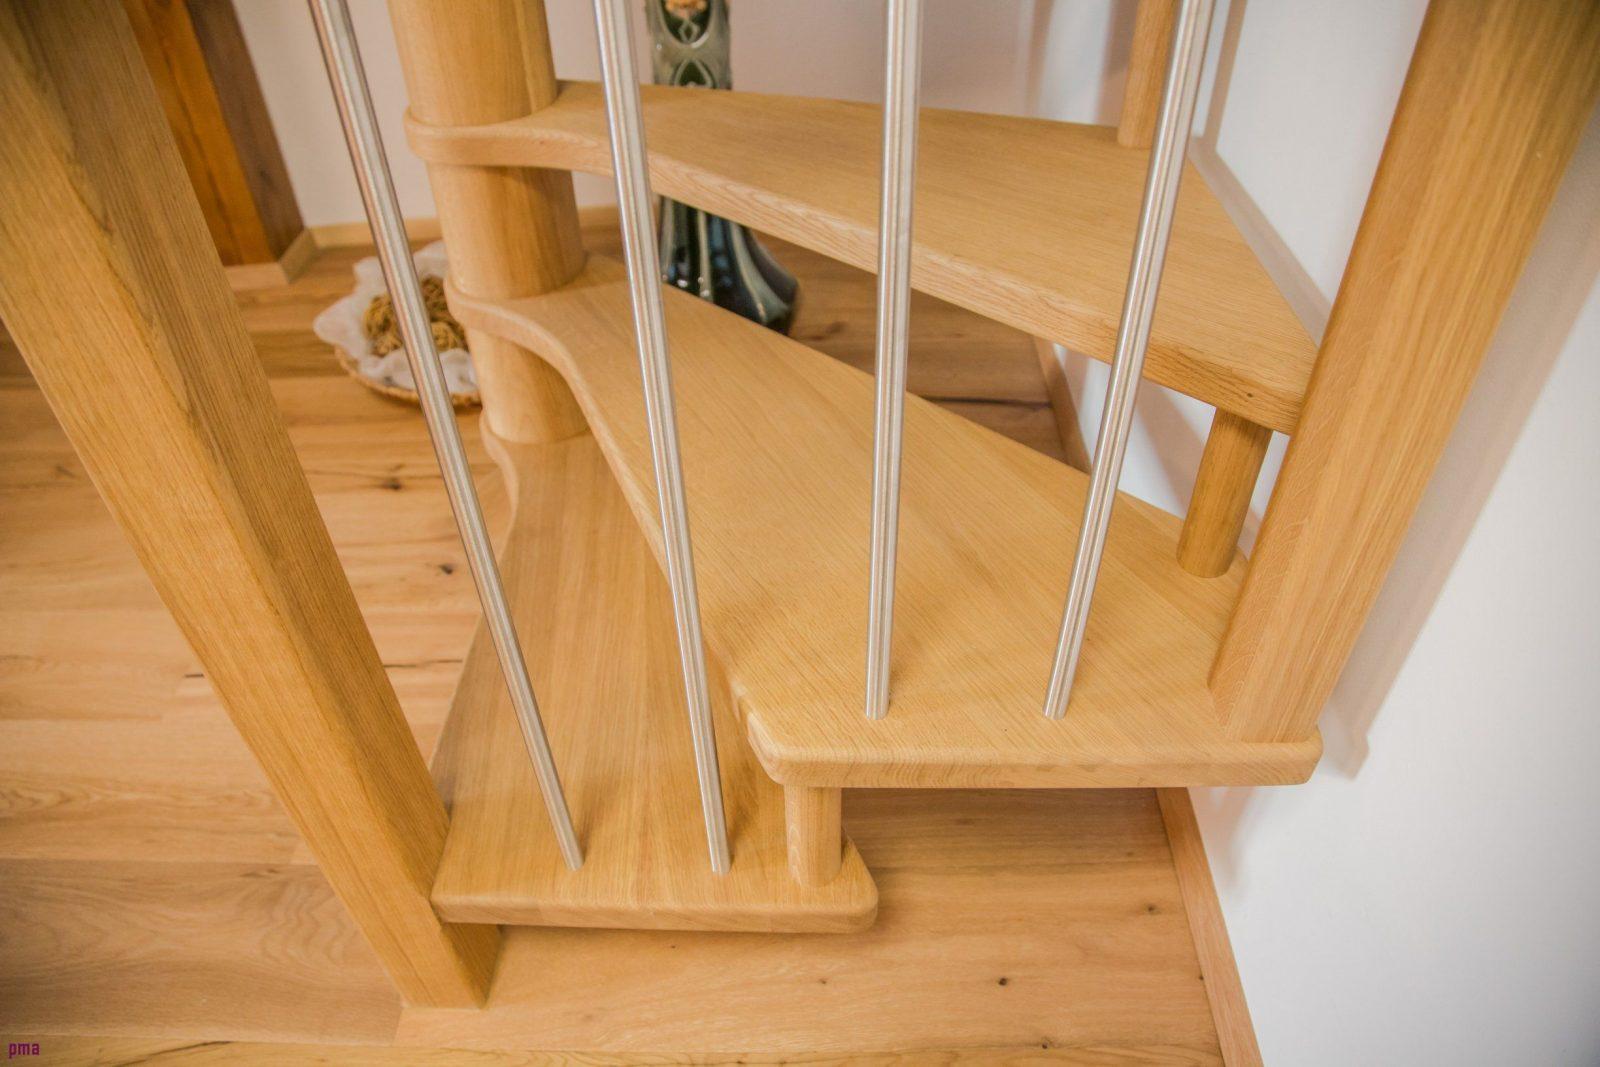 Kindersicherung Für Treppen 27 Cool Porträt Bezieht Sich Auf von Kindersicherung Treppe Selber Bauen Bild